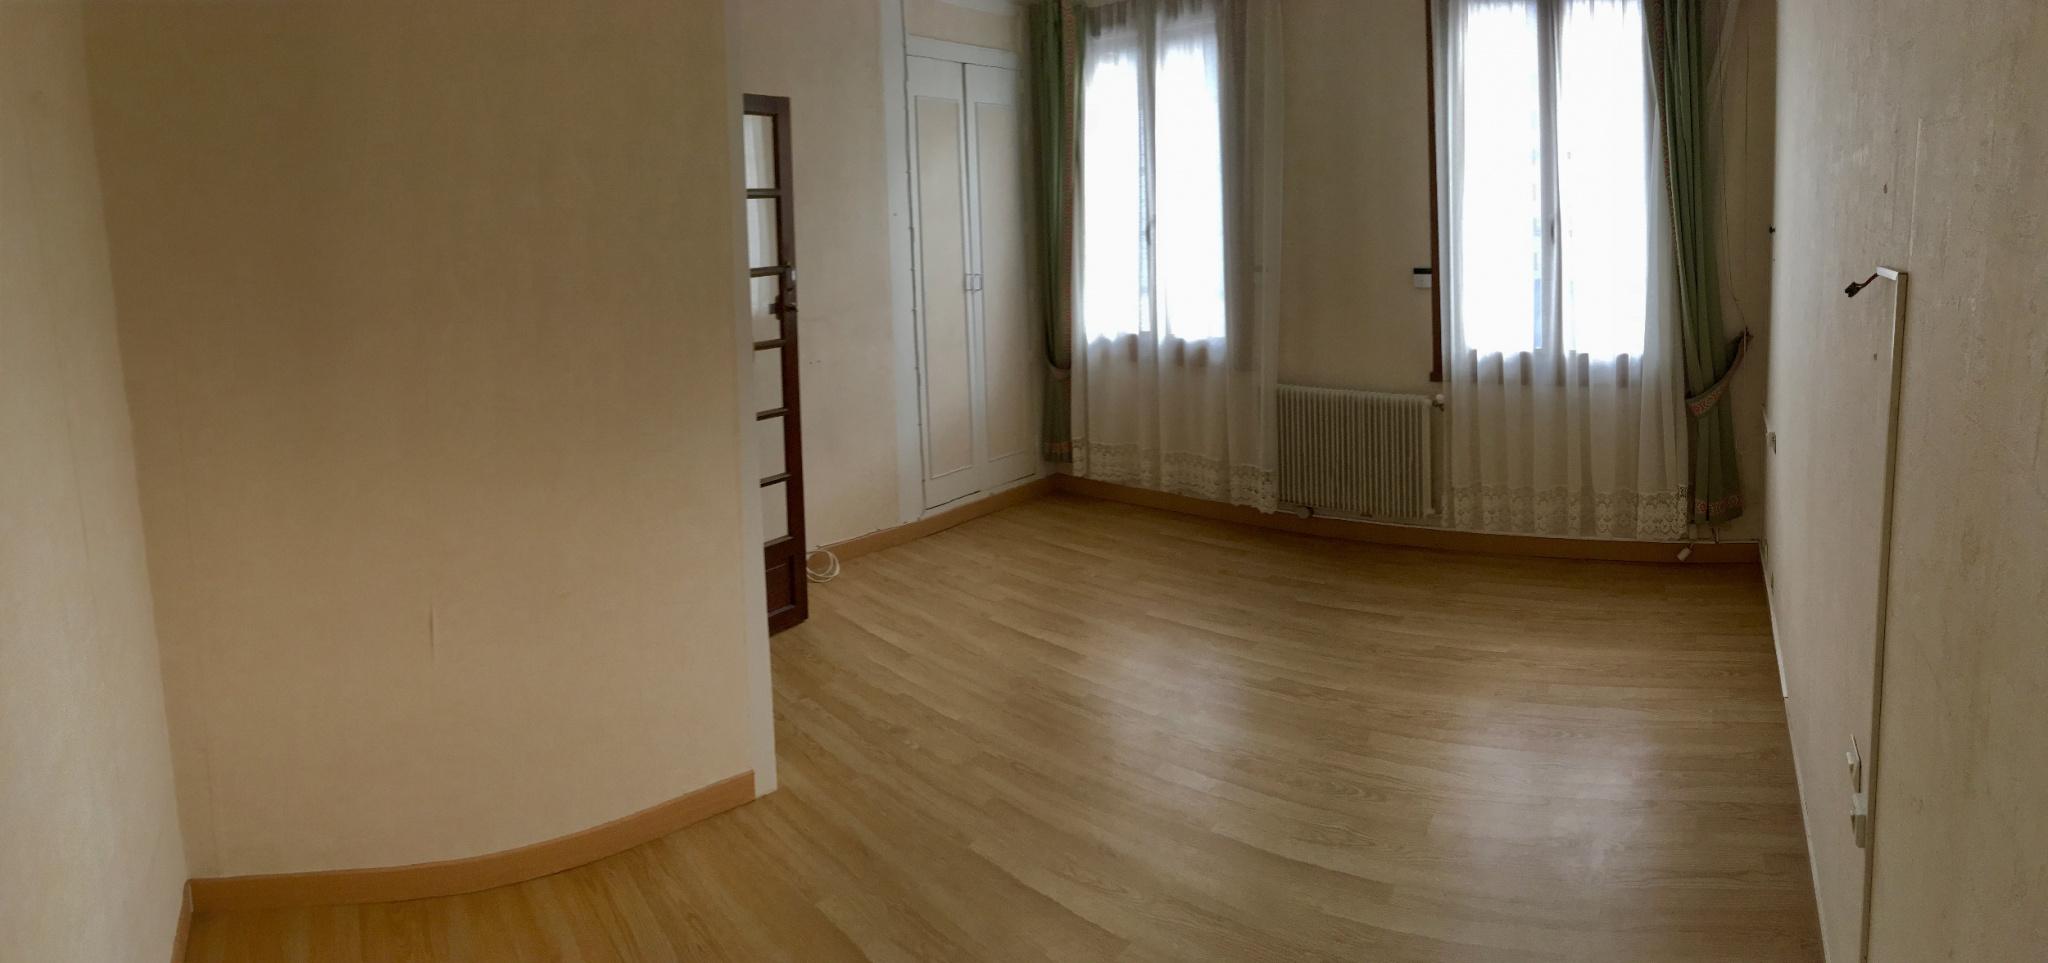 vente maison de ville 2 chambres avec garage et cour. Black Bedroom Furniture Sets. Home Design Ideas